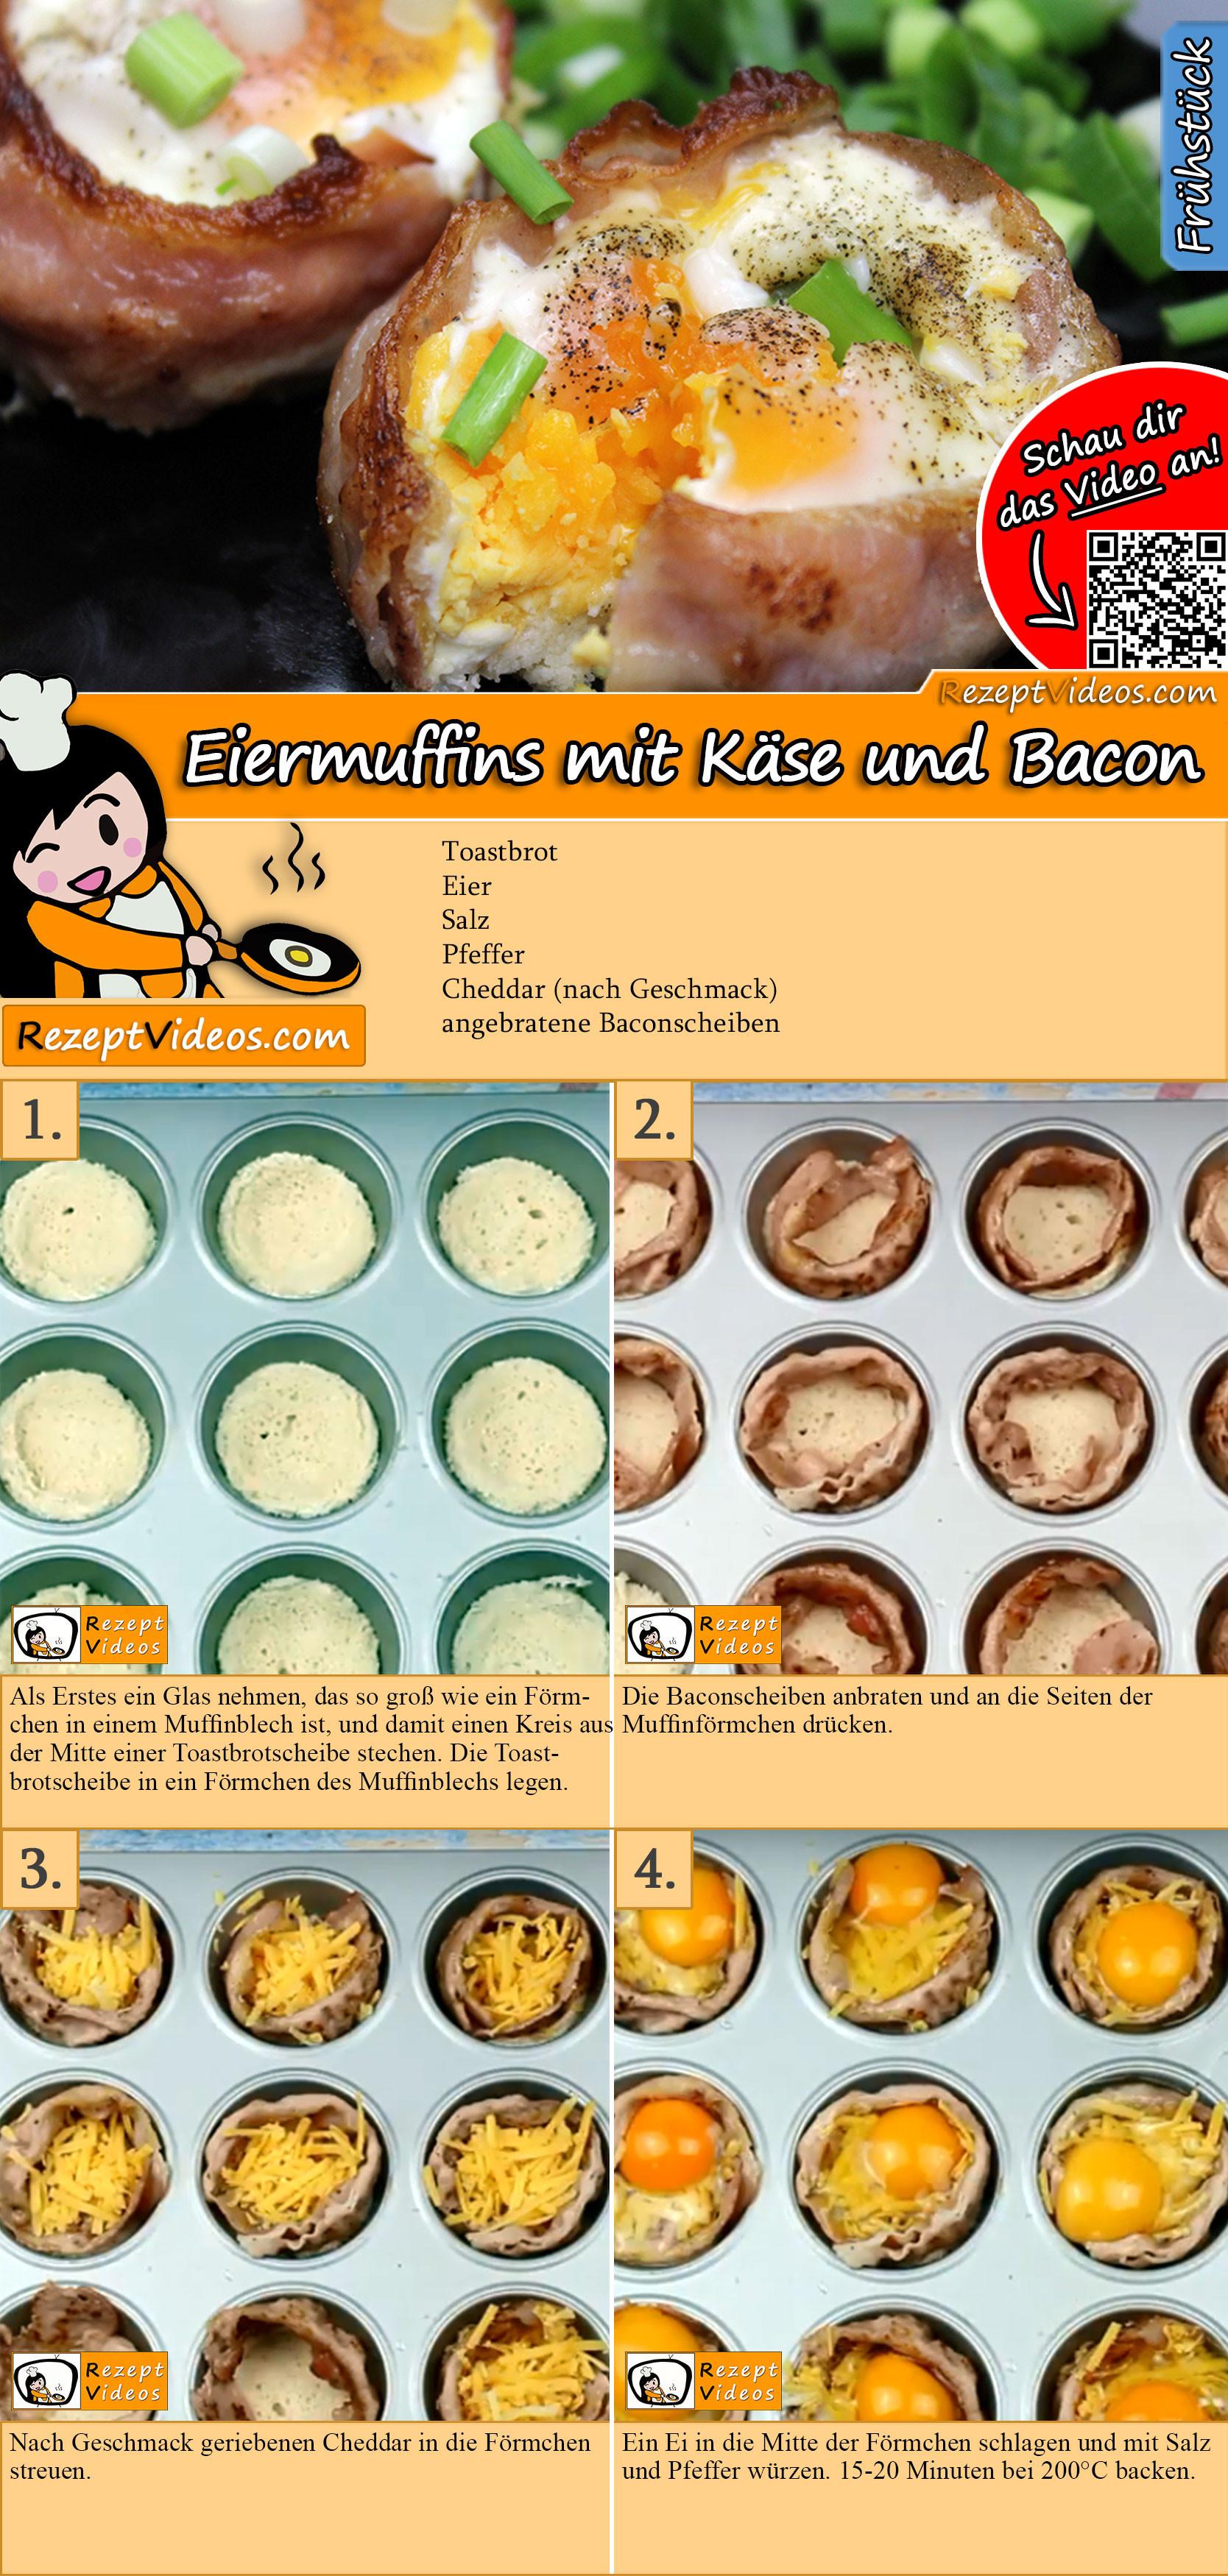 Eiermuffins mit Käse und Bacon Rezept mit Video